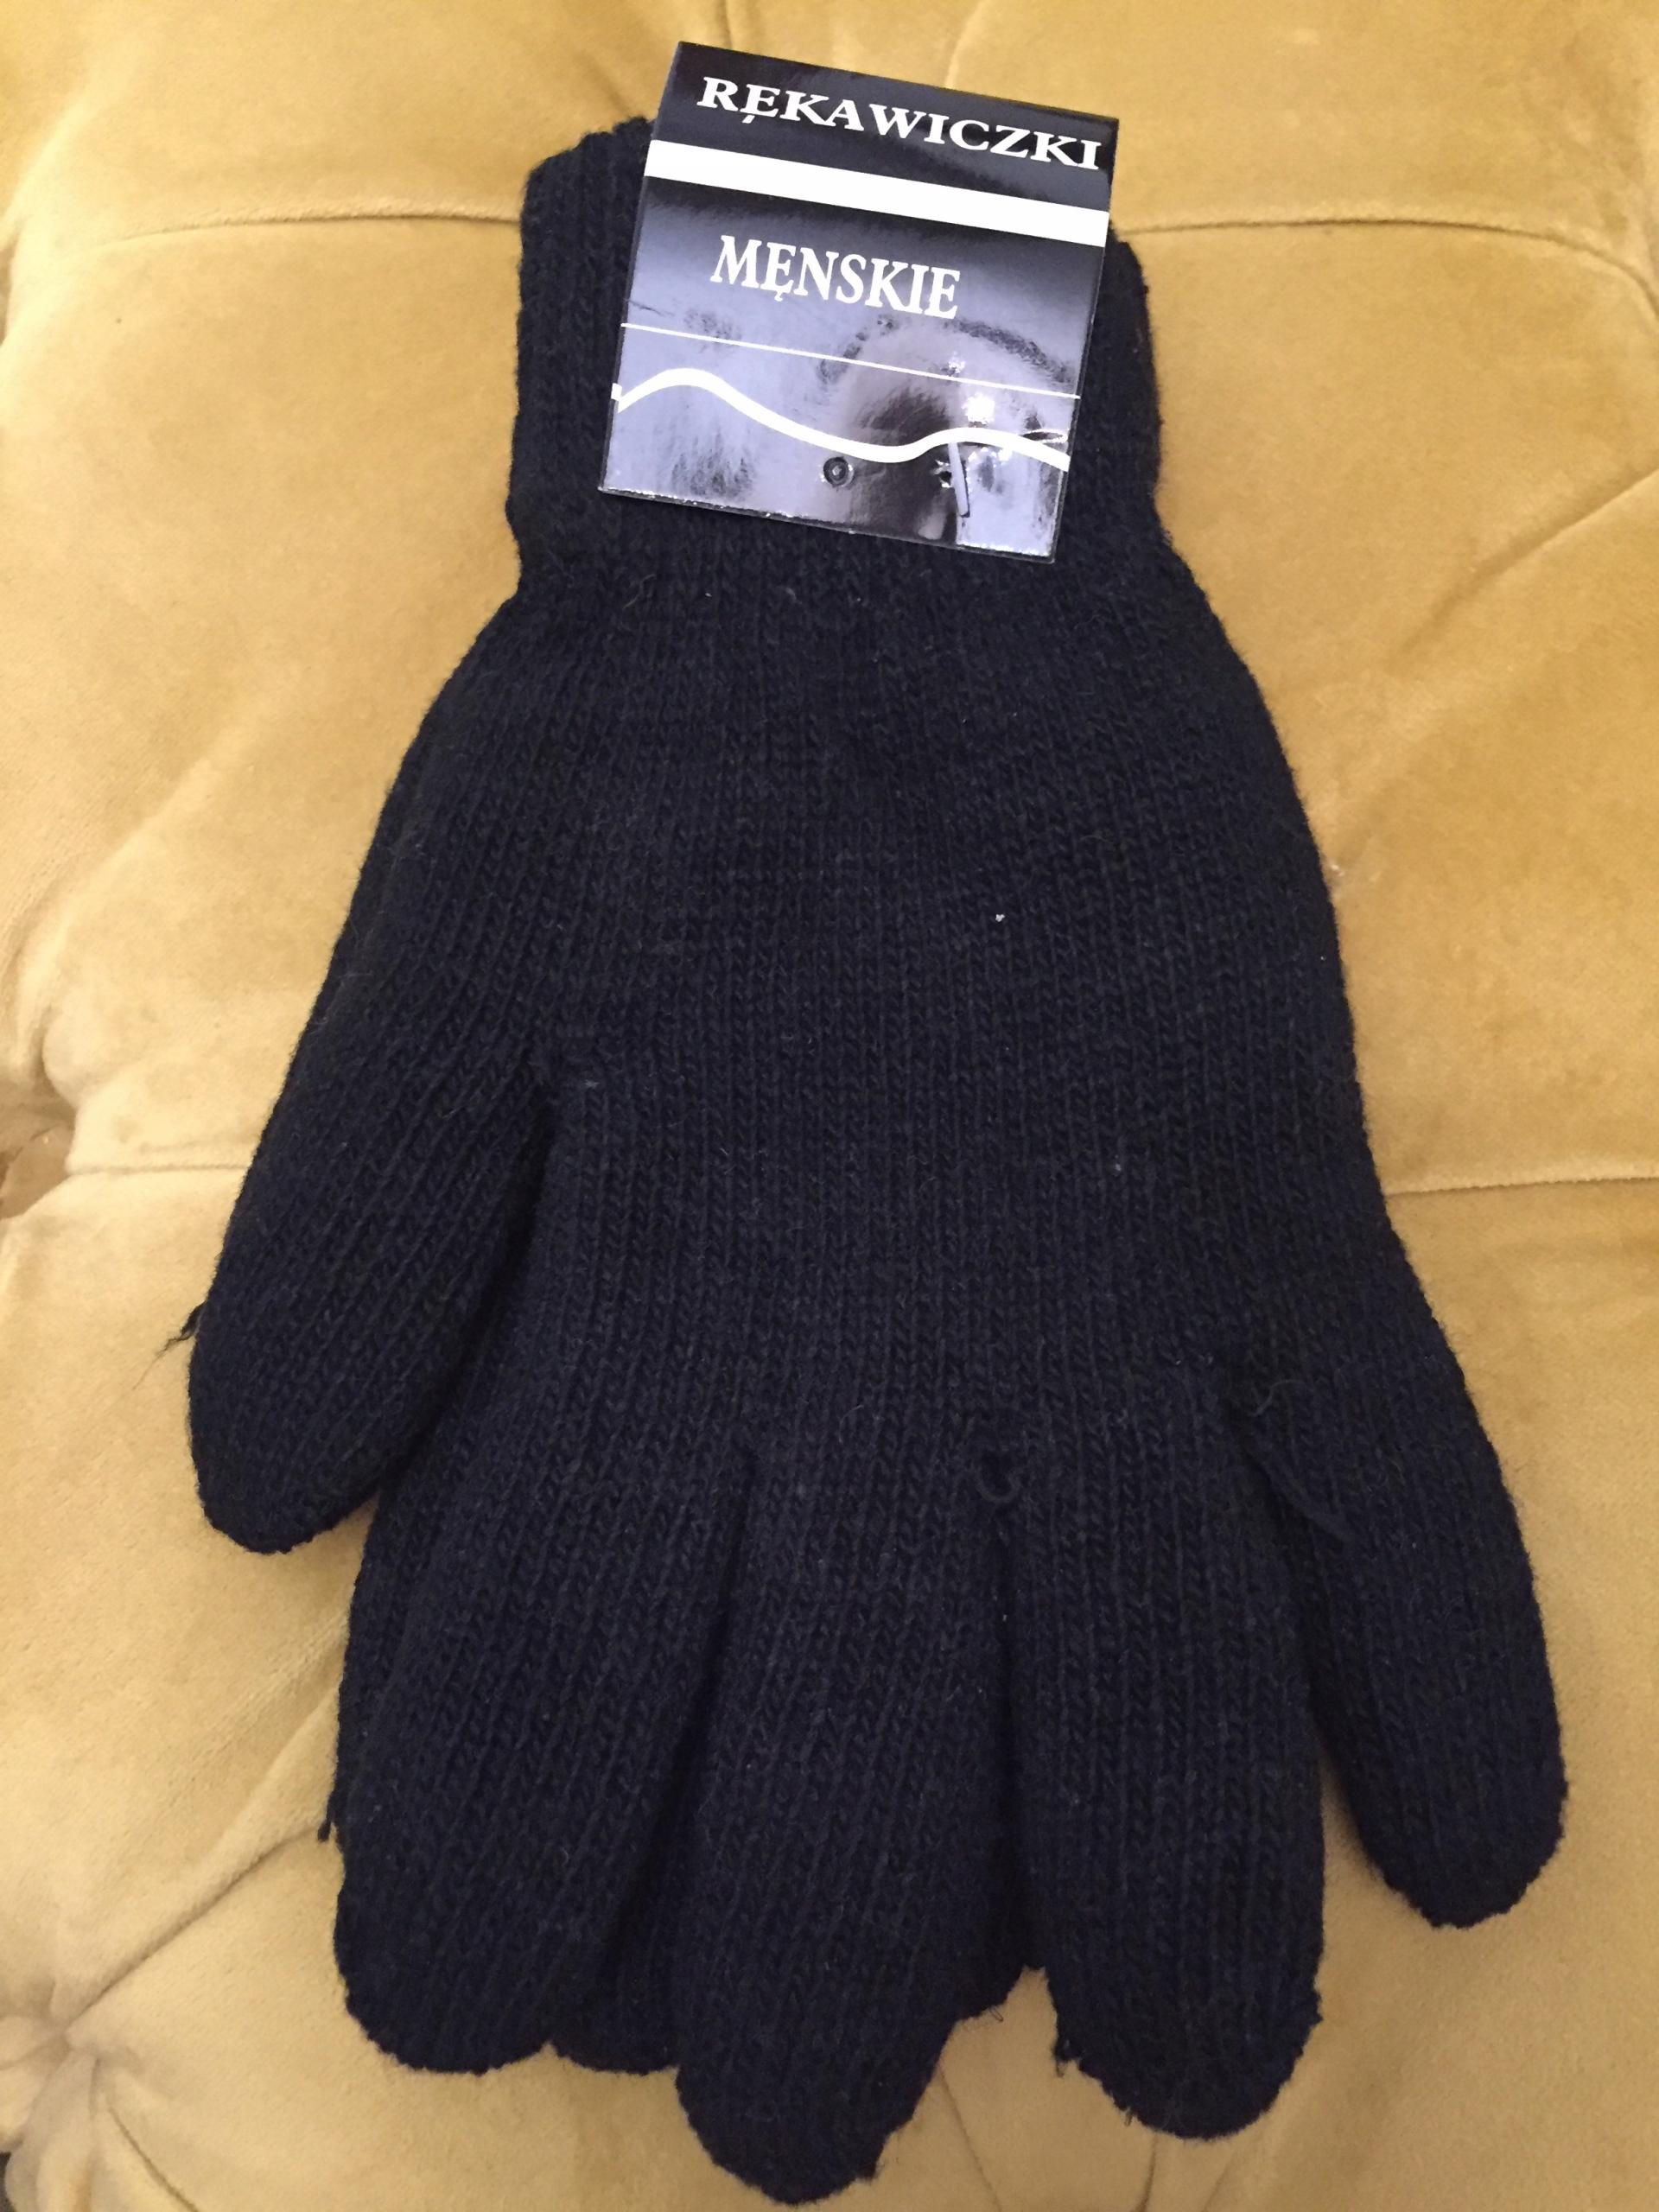 Rękawiczki męskie czarne one size ciepłe wełna